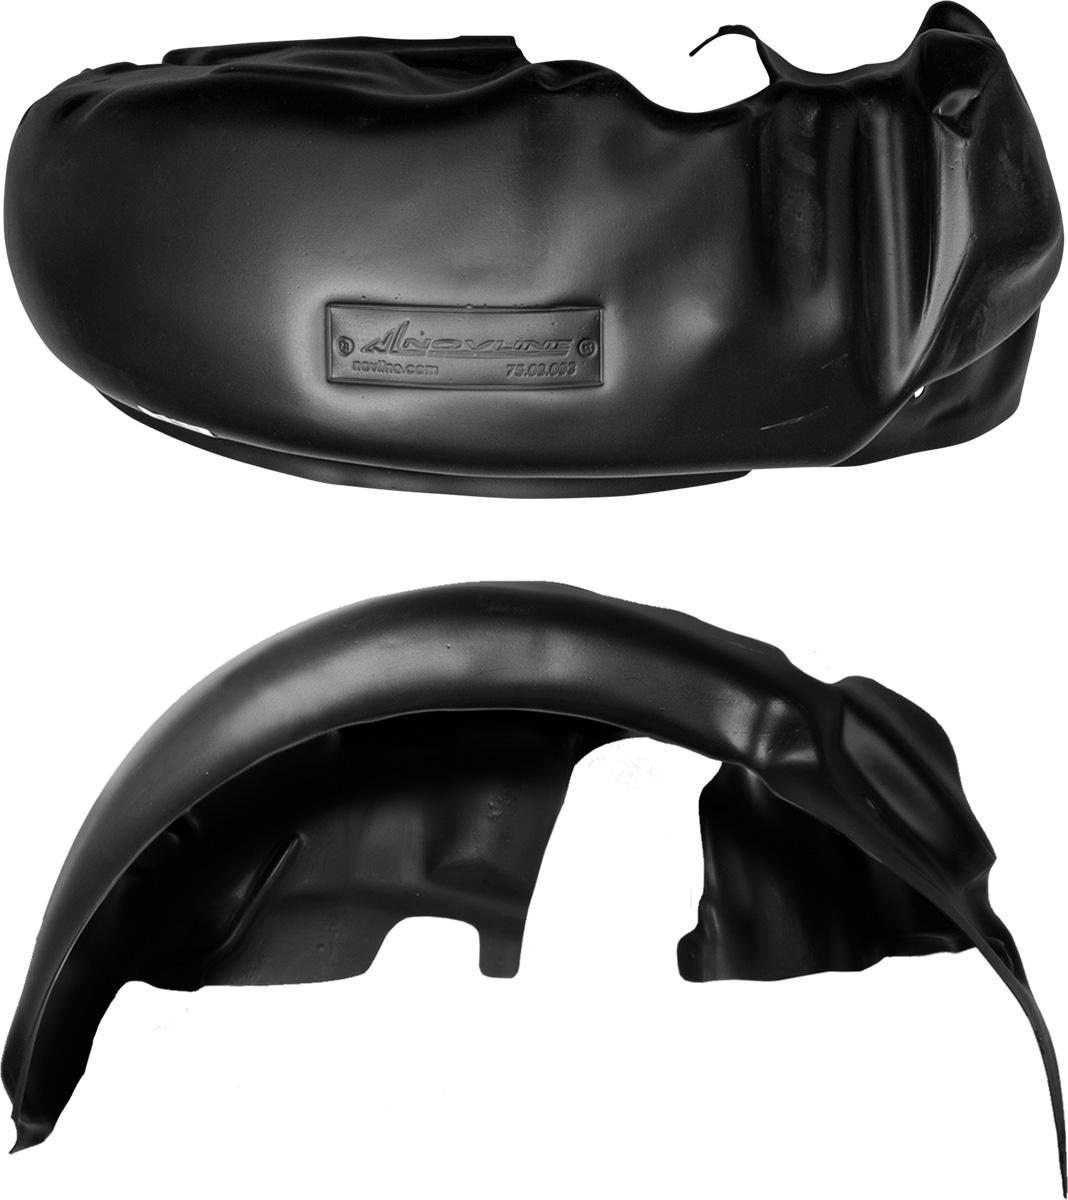 Подкрылок Novline-Autofamily, для Lada Priora, 2007 ->, задний левый2706 (ПО)Колесные ниши - одни из самых уязвимых зон днища вашего автомобиля. Они постоянно подвергаются воздействию со стороны дороги. Лучшая, почти абсолютная защита для них - специально отформованные пластиковые кожухи, которые называются подкрылками. Производятся они как для отечественных моделей автомобилей, так и для иномарок. Подкрылки Novline-Autofamily выполнены из высококачественного, экологически чистого пластика. Обеспечивают надежную защиту кузова автомобиля от пескоструйного эффекта и негативного влияния, агрессивных антигололедных реагентов. Пластик обладает более низкой теплопроводностью, чем металл, поэтому в зимний период эксплуатации использование пластиковых подкрылков позволяет лучше защитить колесные ниши от налипания снега и образования наледи. Оригинальность конструкции подчеркивает элегантность автомобиля, бережно защищает нанесенное на днище кузова антикоррозийное покрытие и позволяет осуществить крепление подкрылков внутри колесной арки практически без дополнительного крепежа и сверления, не нарушая при этом лакокрасочного покрытия, что предотвращает возникновение новых очагов коррозии. Подкрылки долговечны, обладают высокой прочностью и сохраняют заданную форму, а также все свои физико-механические характеристики в самых тяжелых климатических условиях (от -50°С до +50°С).Уважаемые клиенты!Обращаем ваше внимание, на тот факт, что подкрылок имеет форму, соответствующую модели данного автомобиля. Фото служит для визуального восприятия товара.